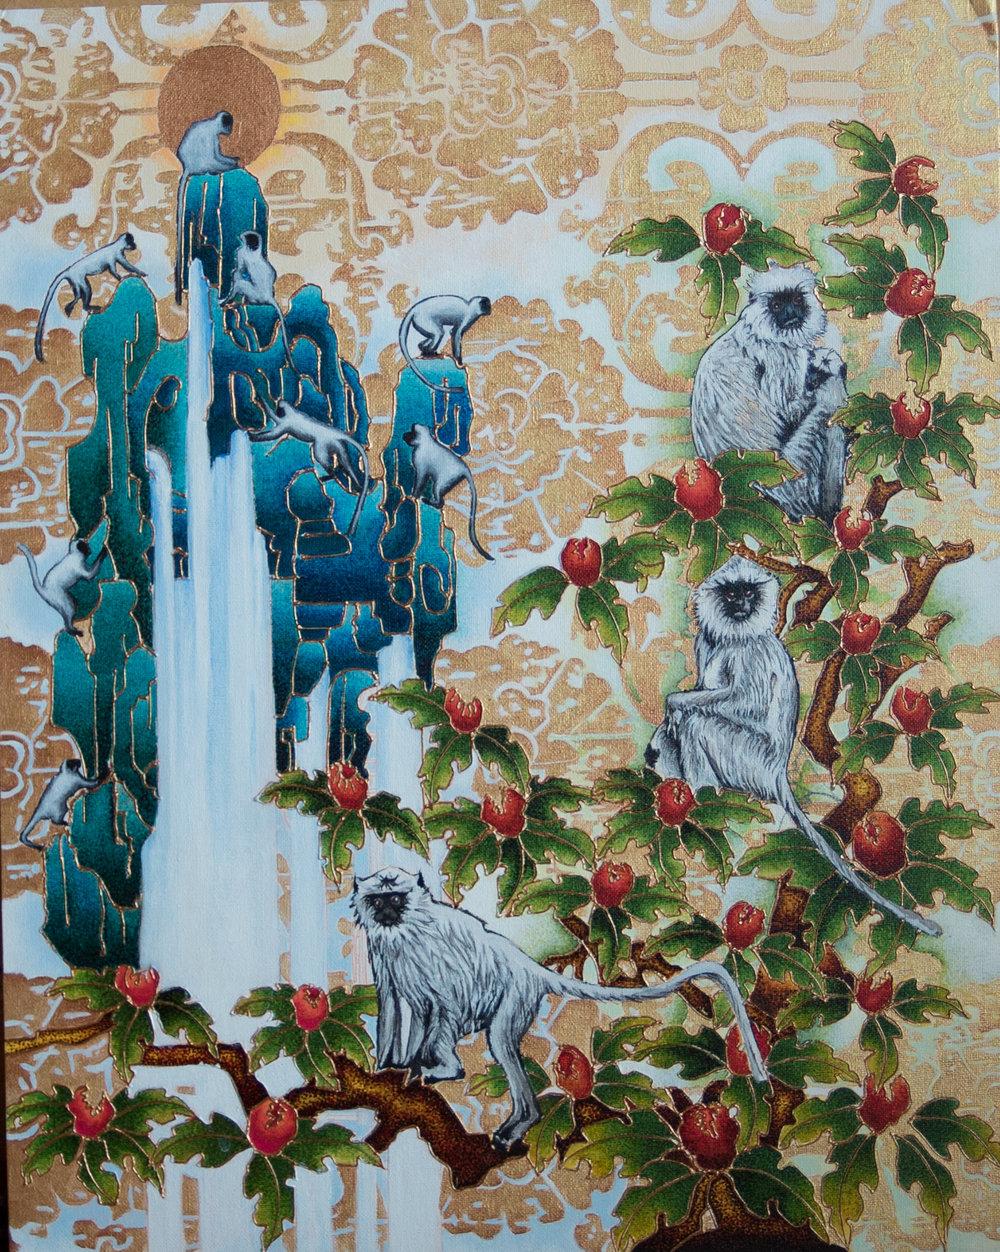 Sonam Yeshi,Monkey's Paradise,2017,16x20,Acrylic, markers, and mixed media on canvas, .jpg